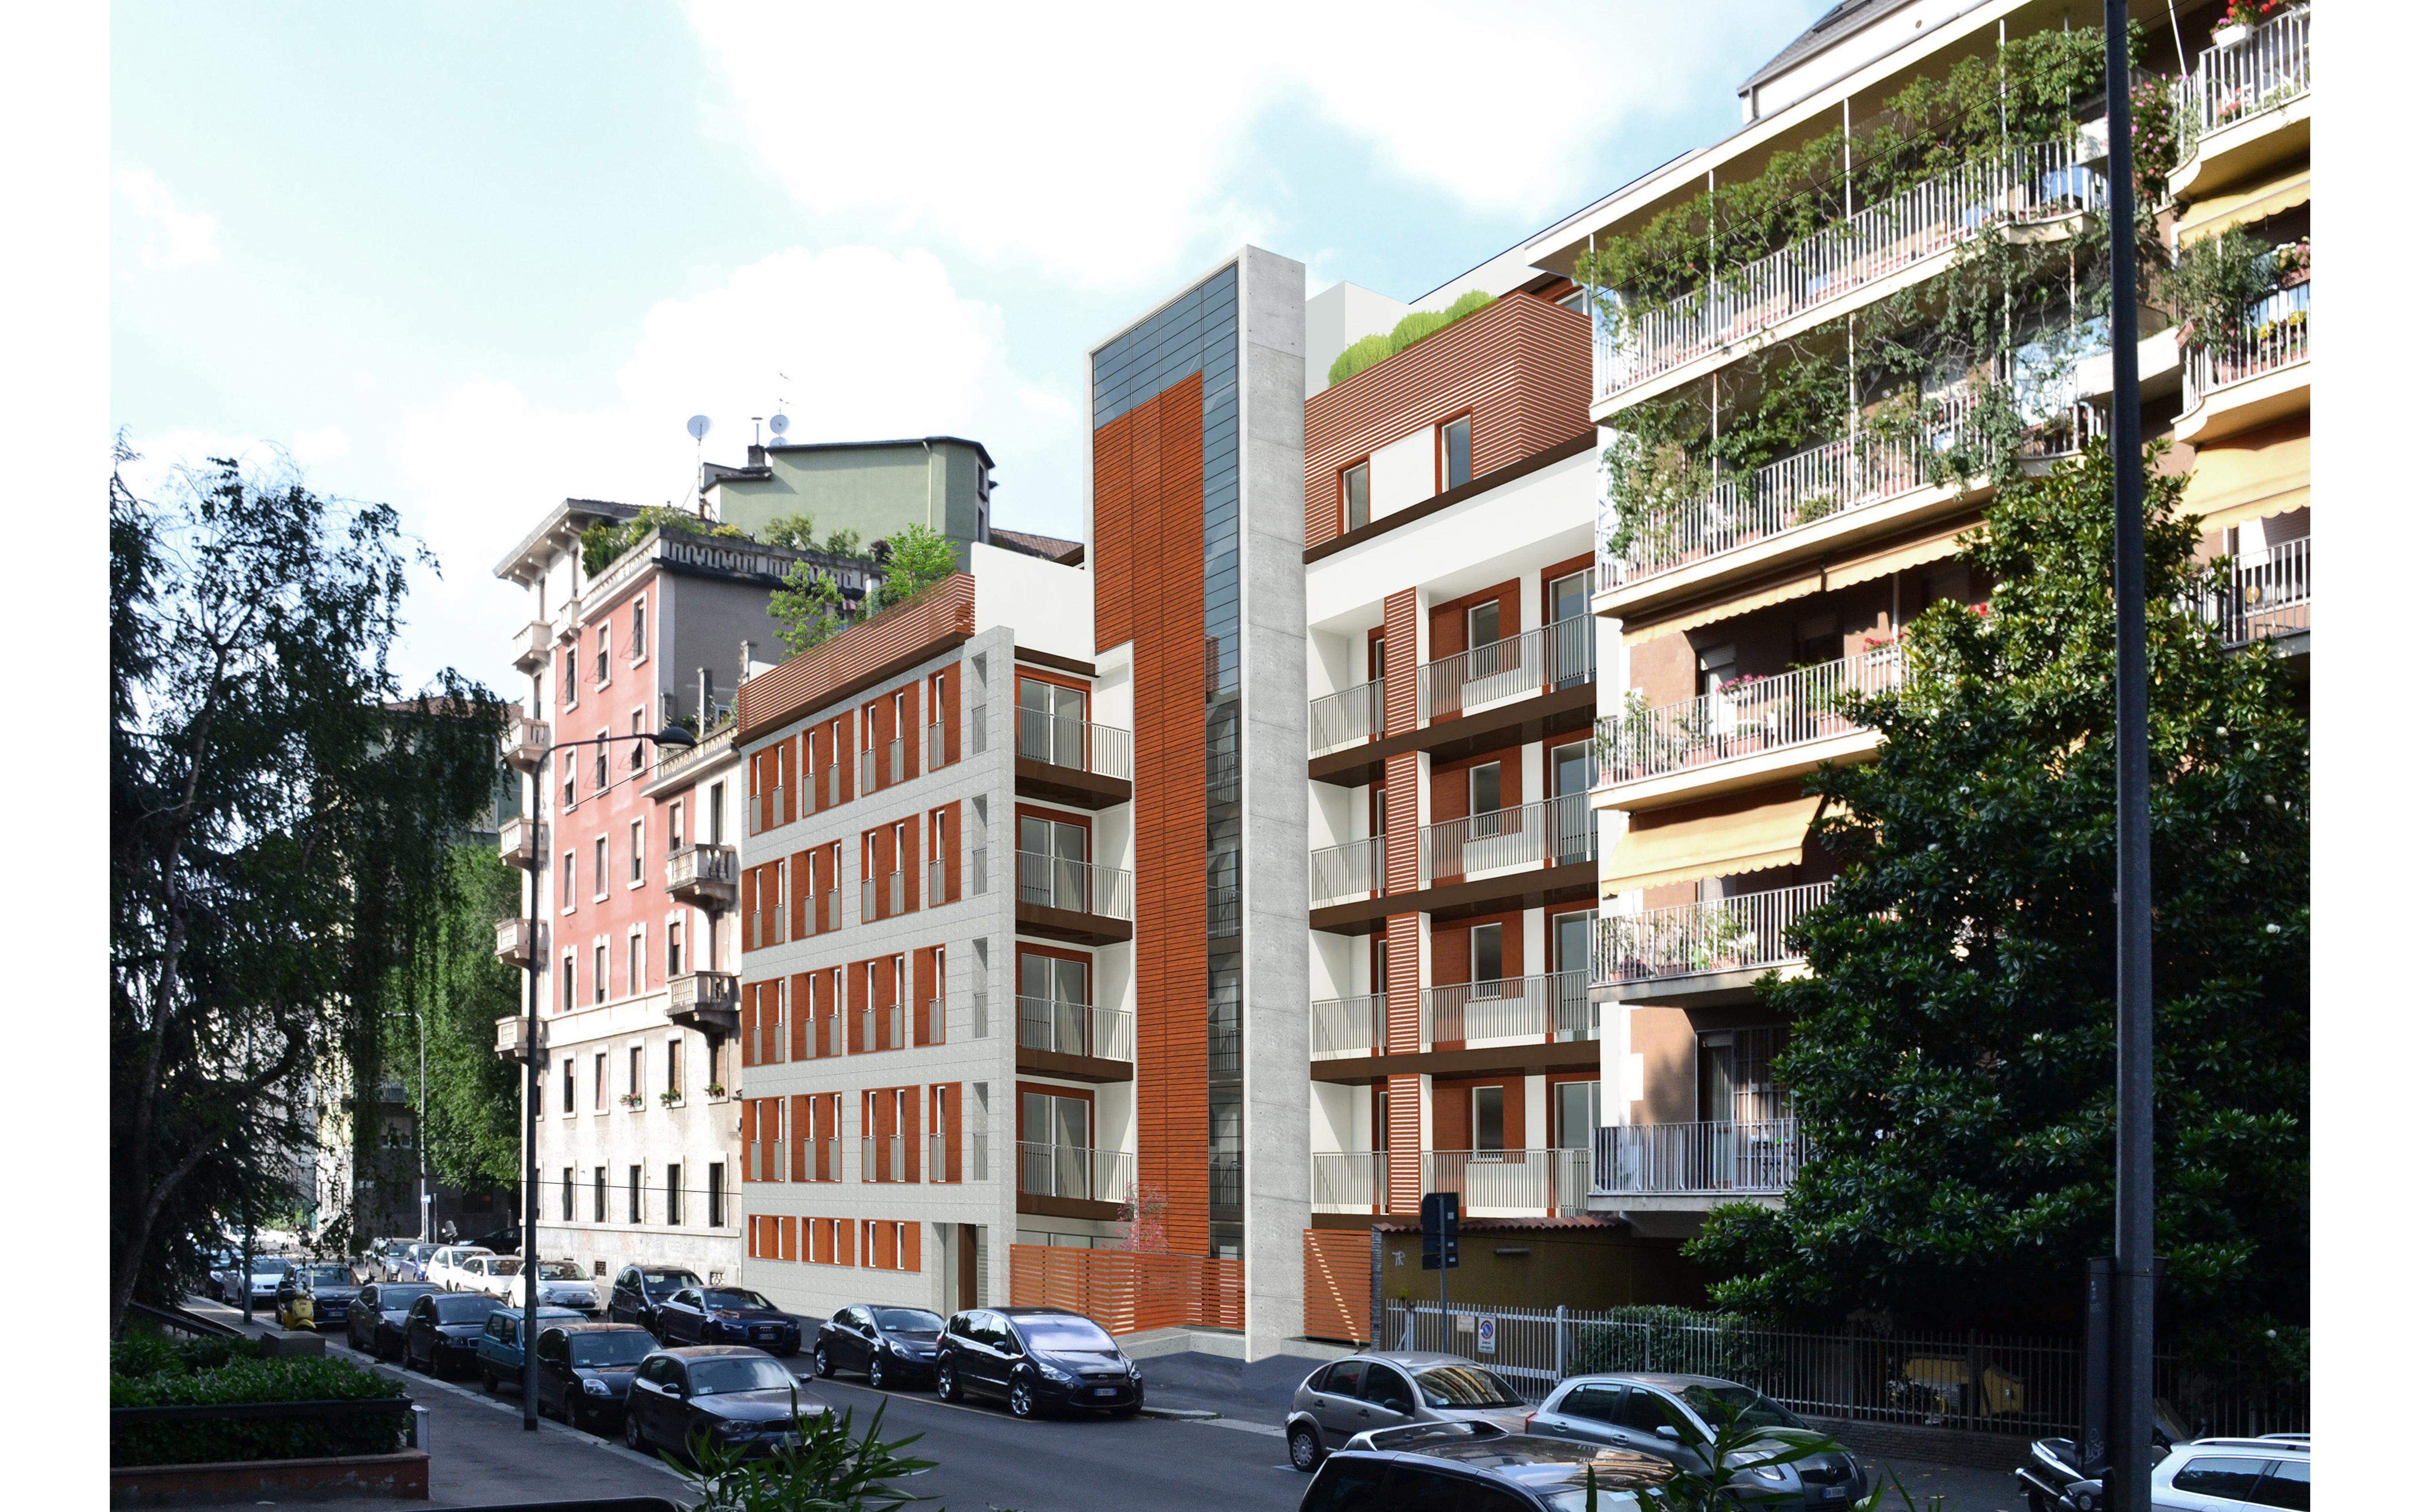 Nuovo edificio residenziale Via M. Loria 52 – Milano, 2013